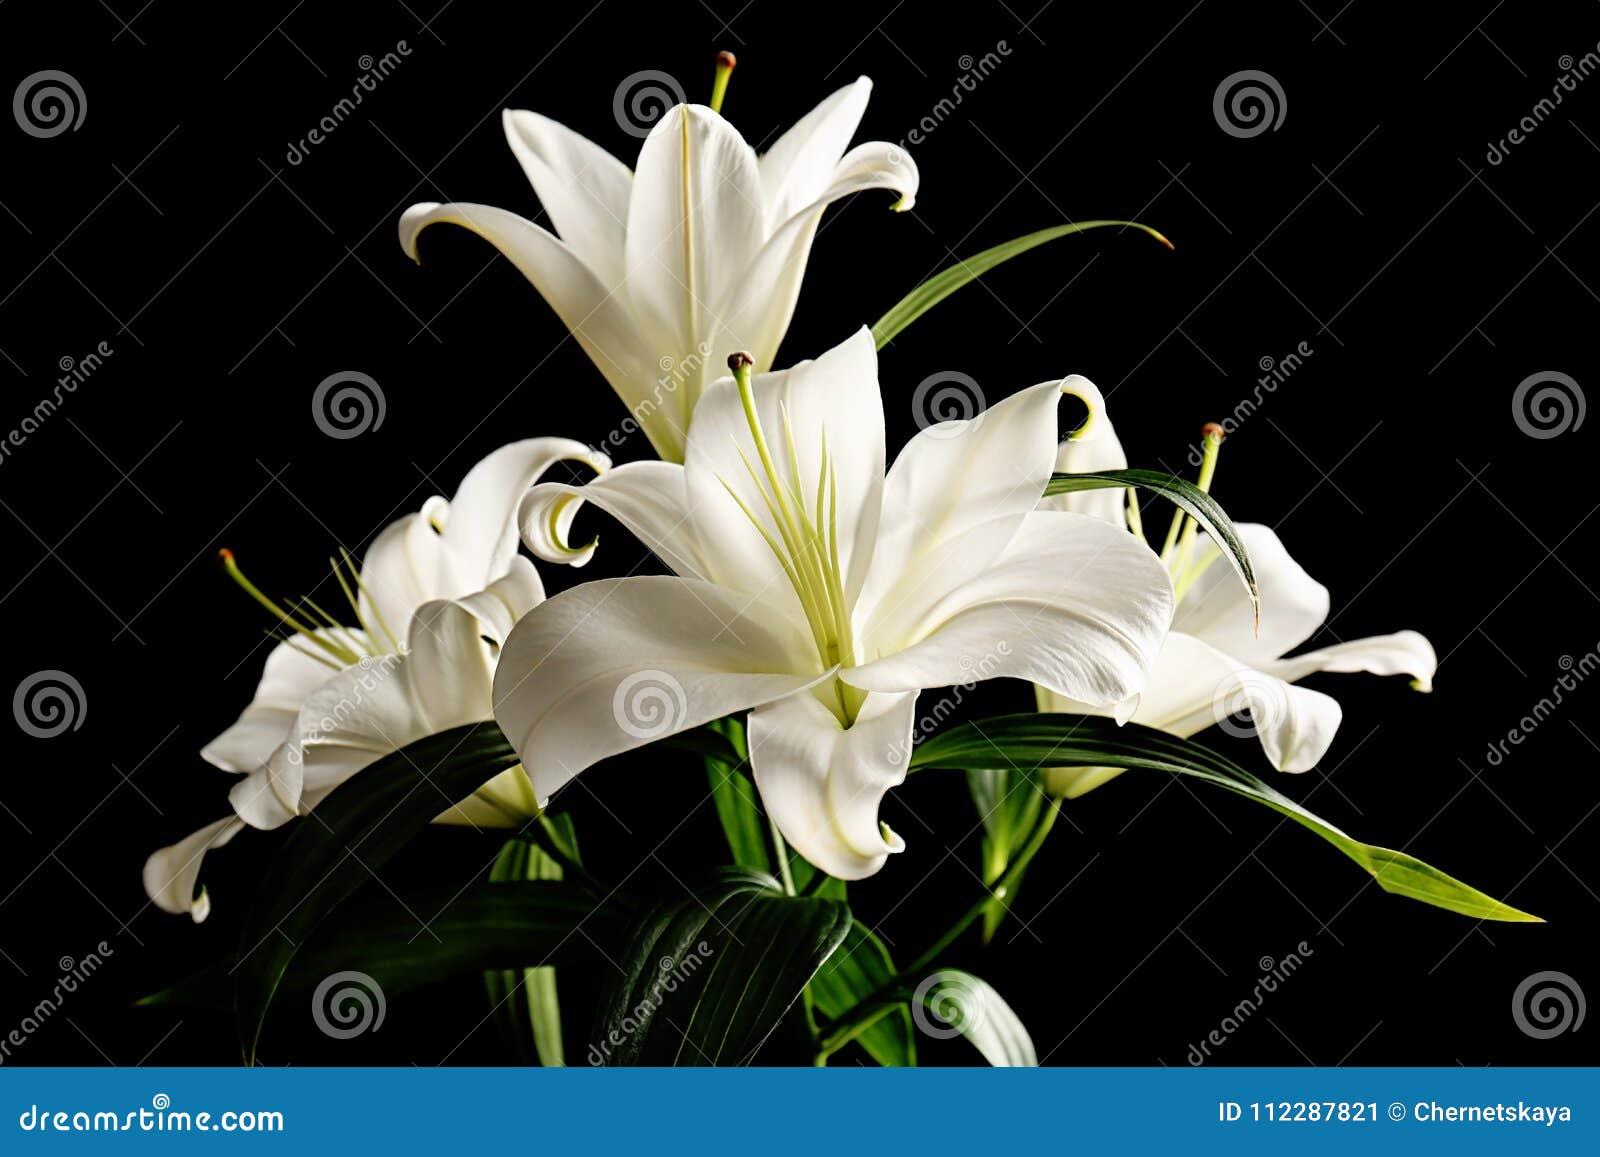 Mooie witte lelies